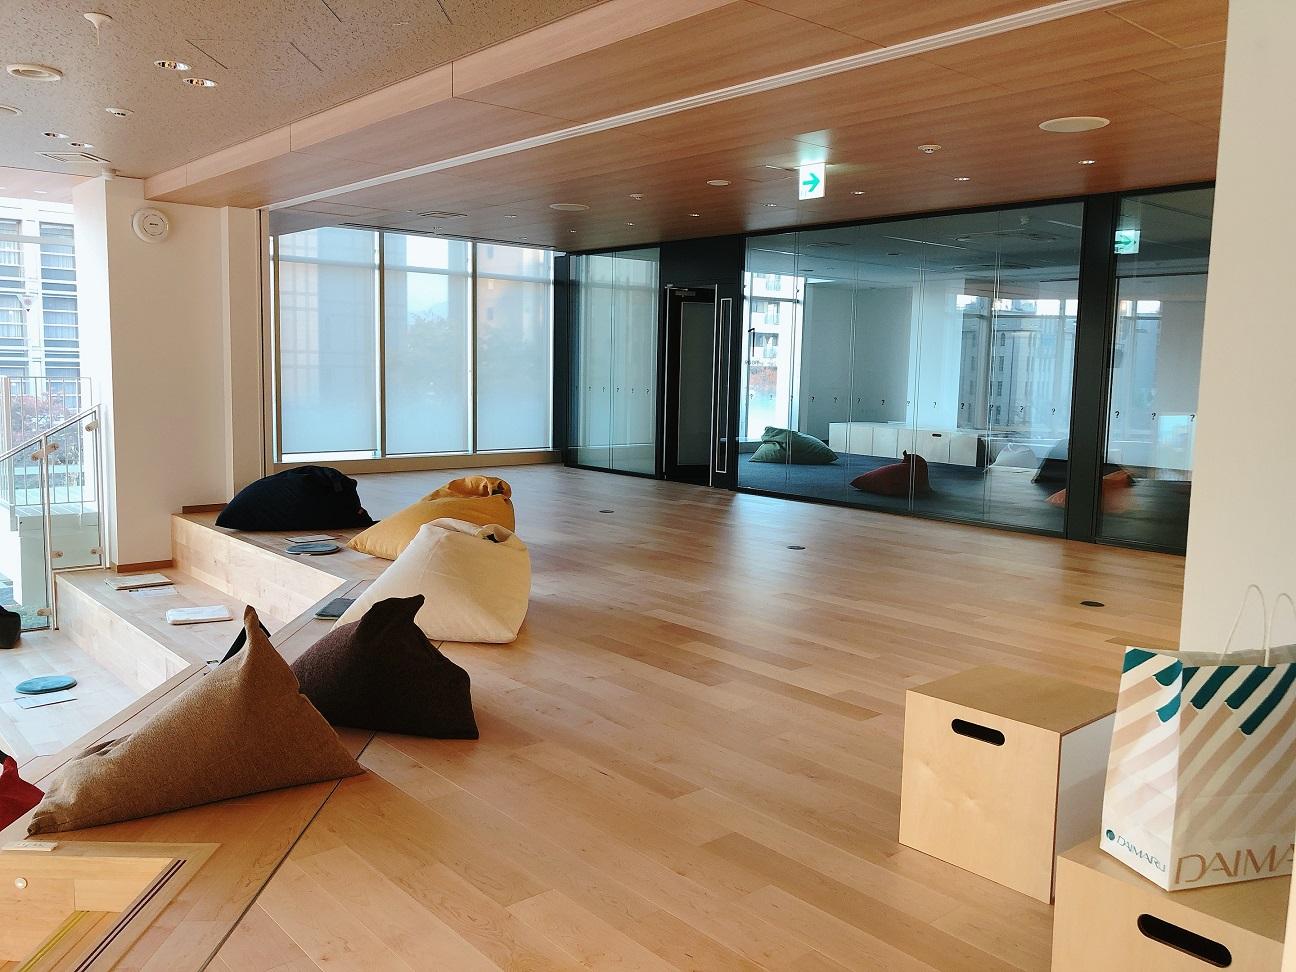 関西カーボンもお世話になっている京都信用金庫さんの産学銀連携が出来る「新河原町ビル」のレセプションに行って来ました。